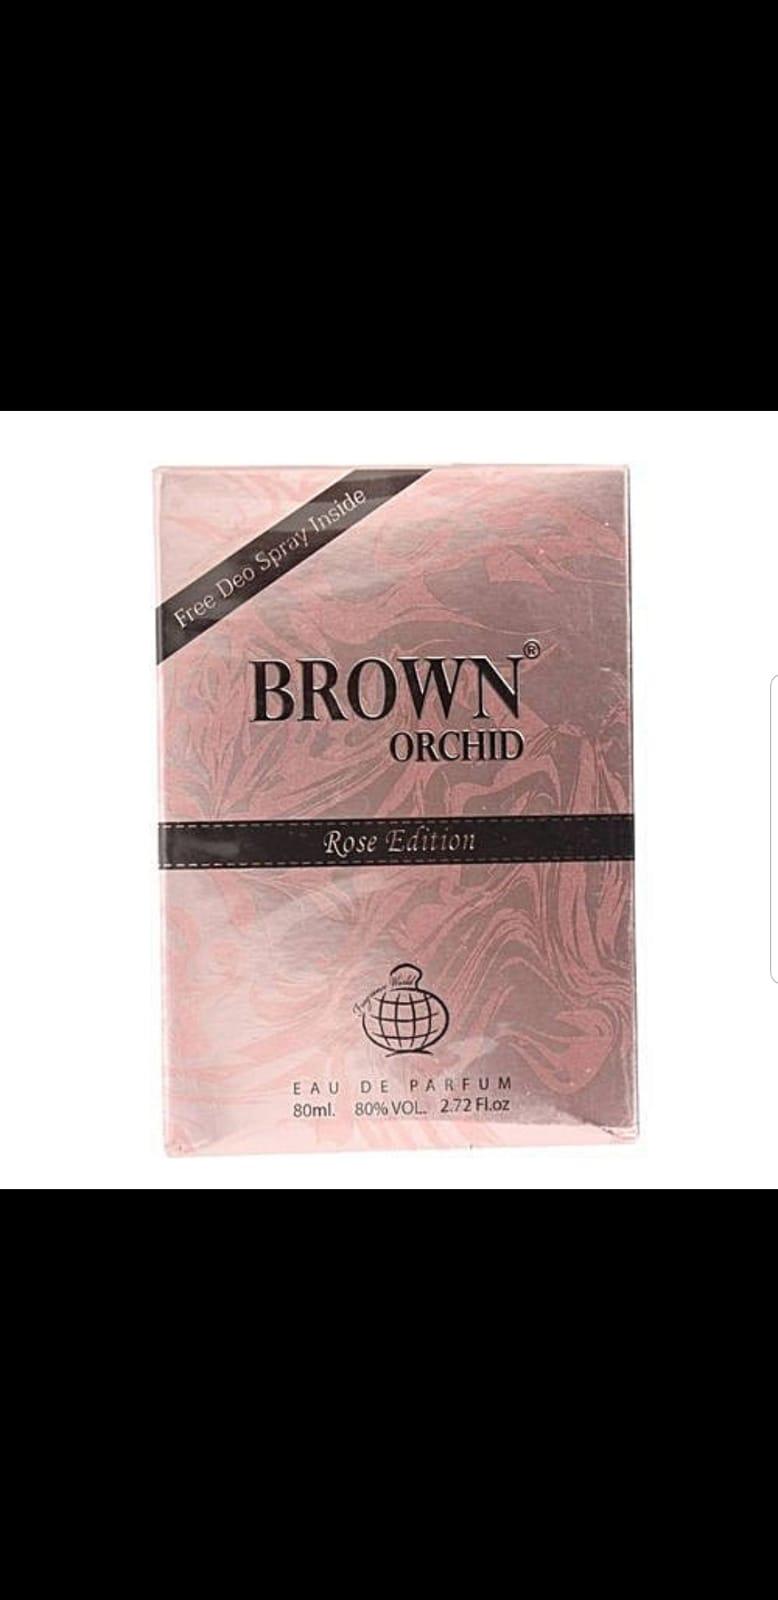 brown-orchid-rose-collection-80ml-eau-de-parfum